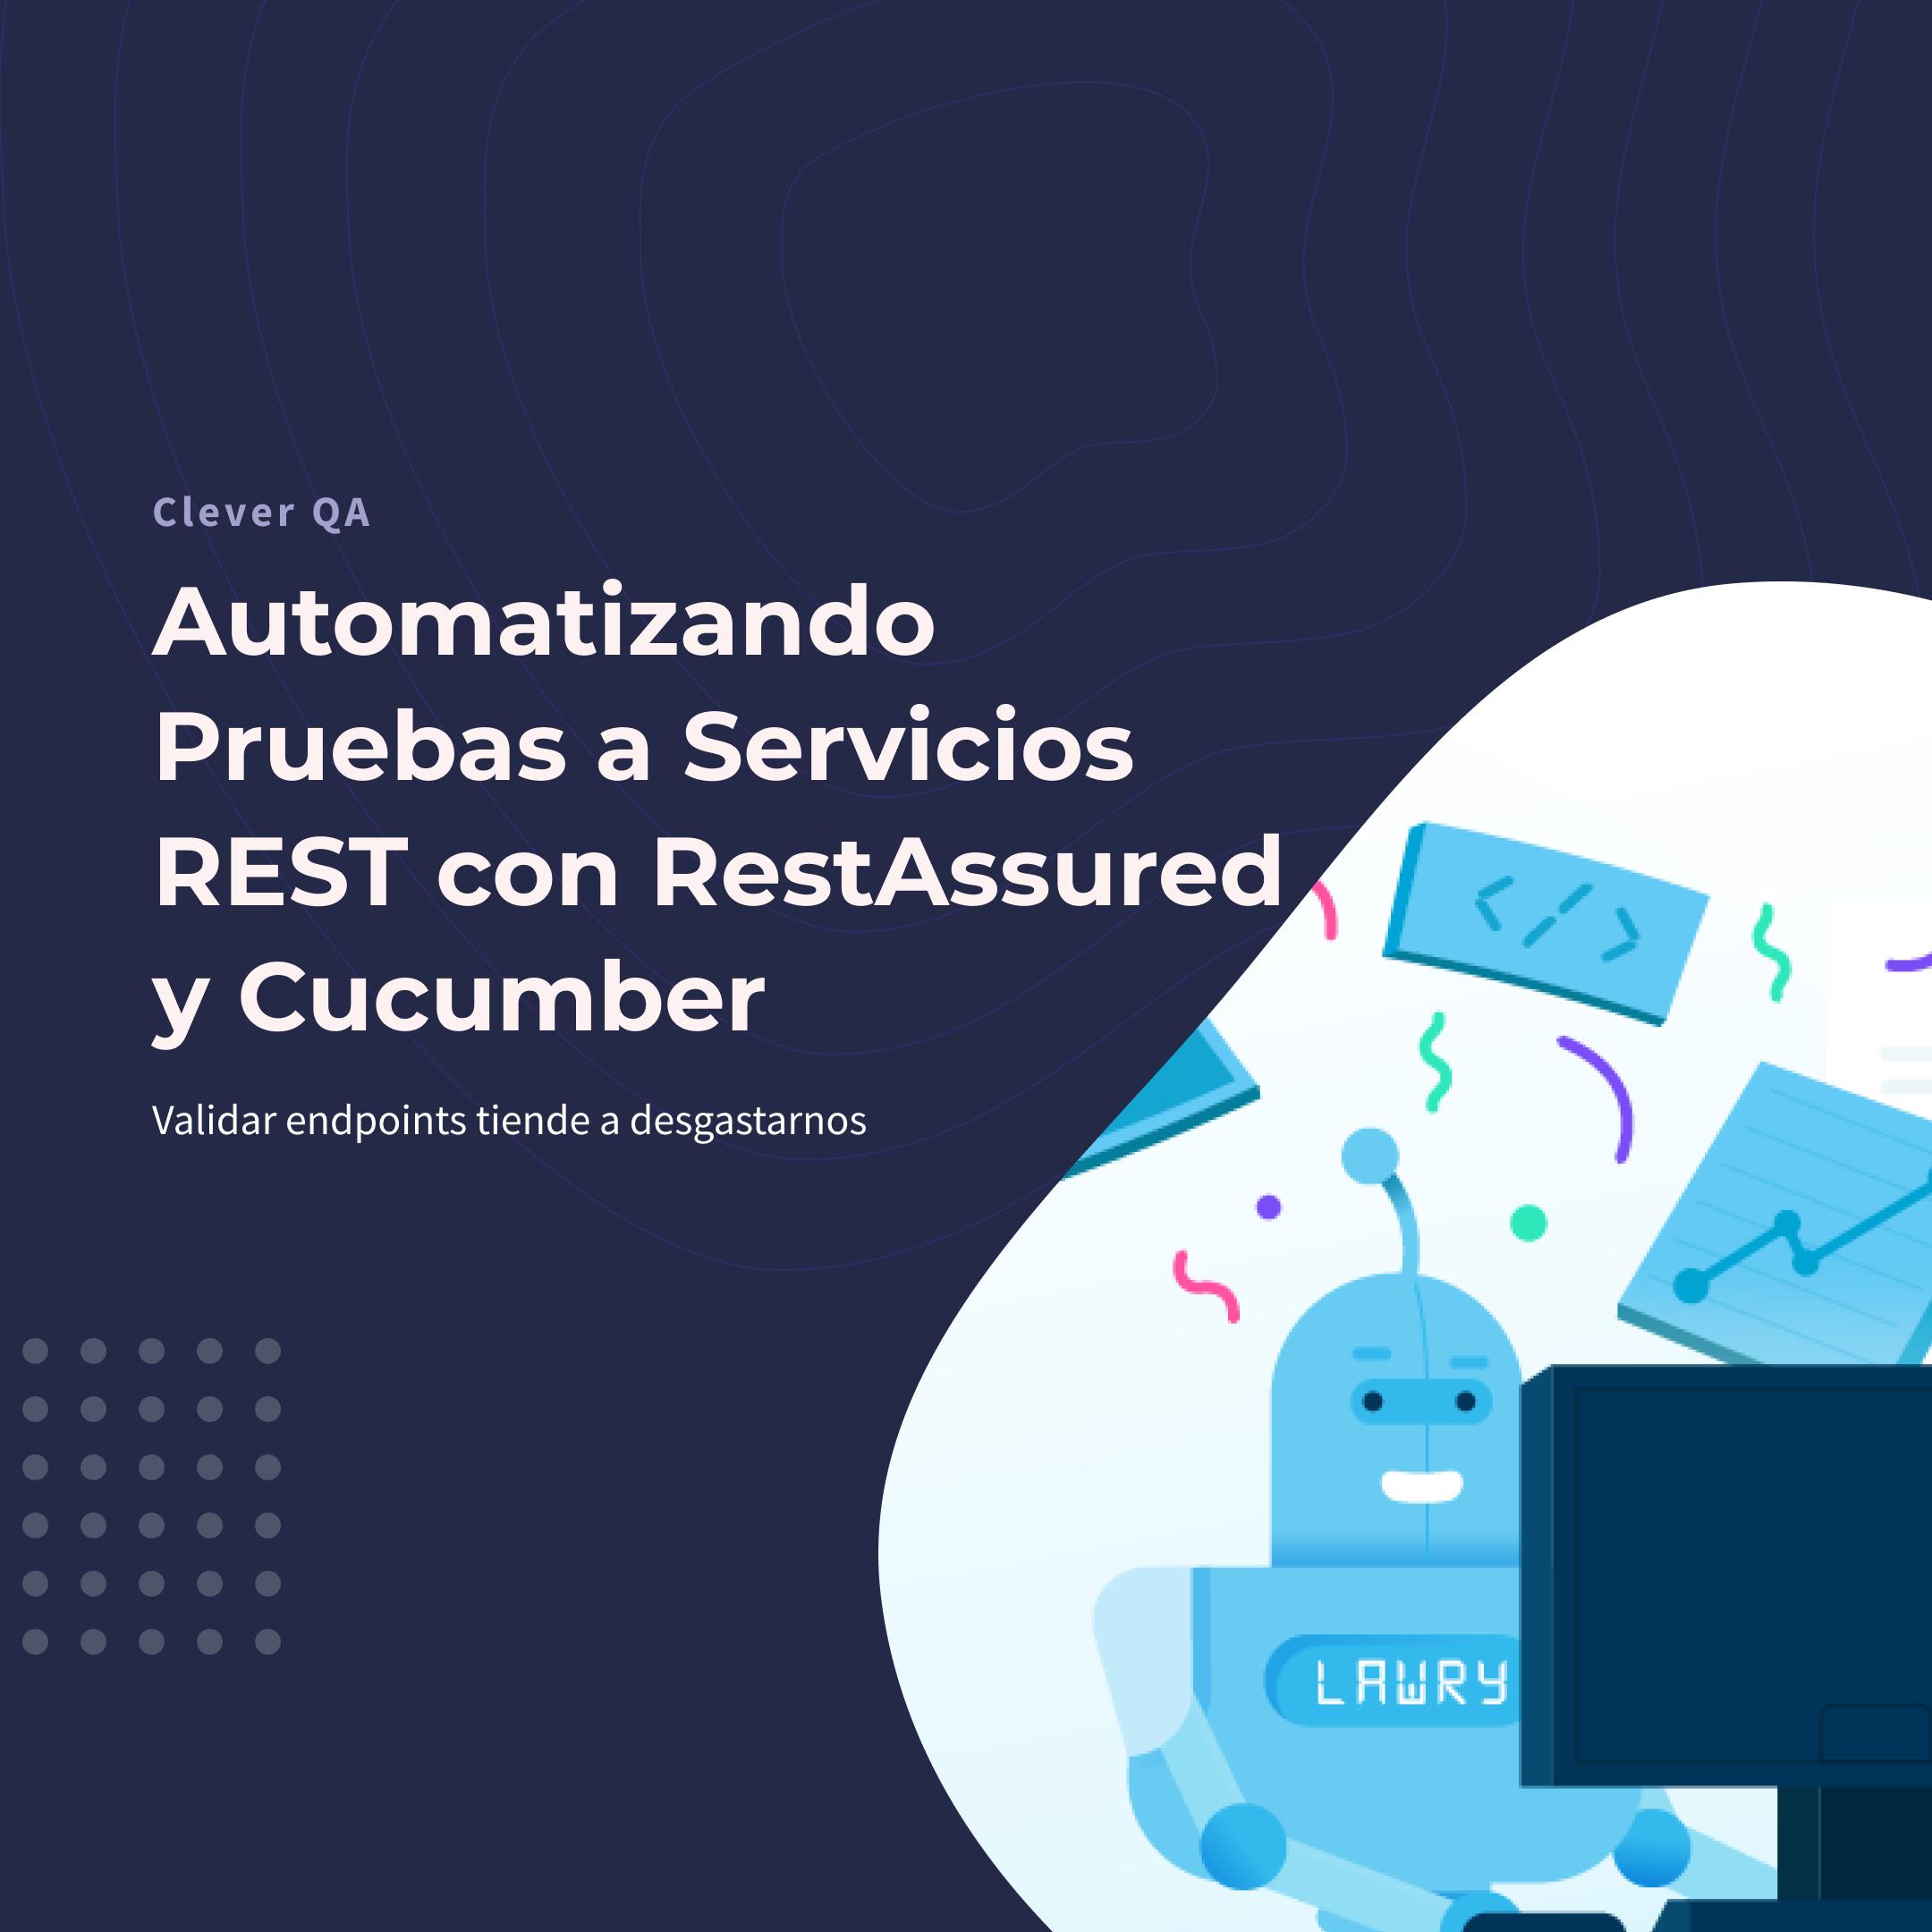 Automatizando Pruebas a Servicios REST con RestAssured y Cucumber